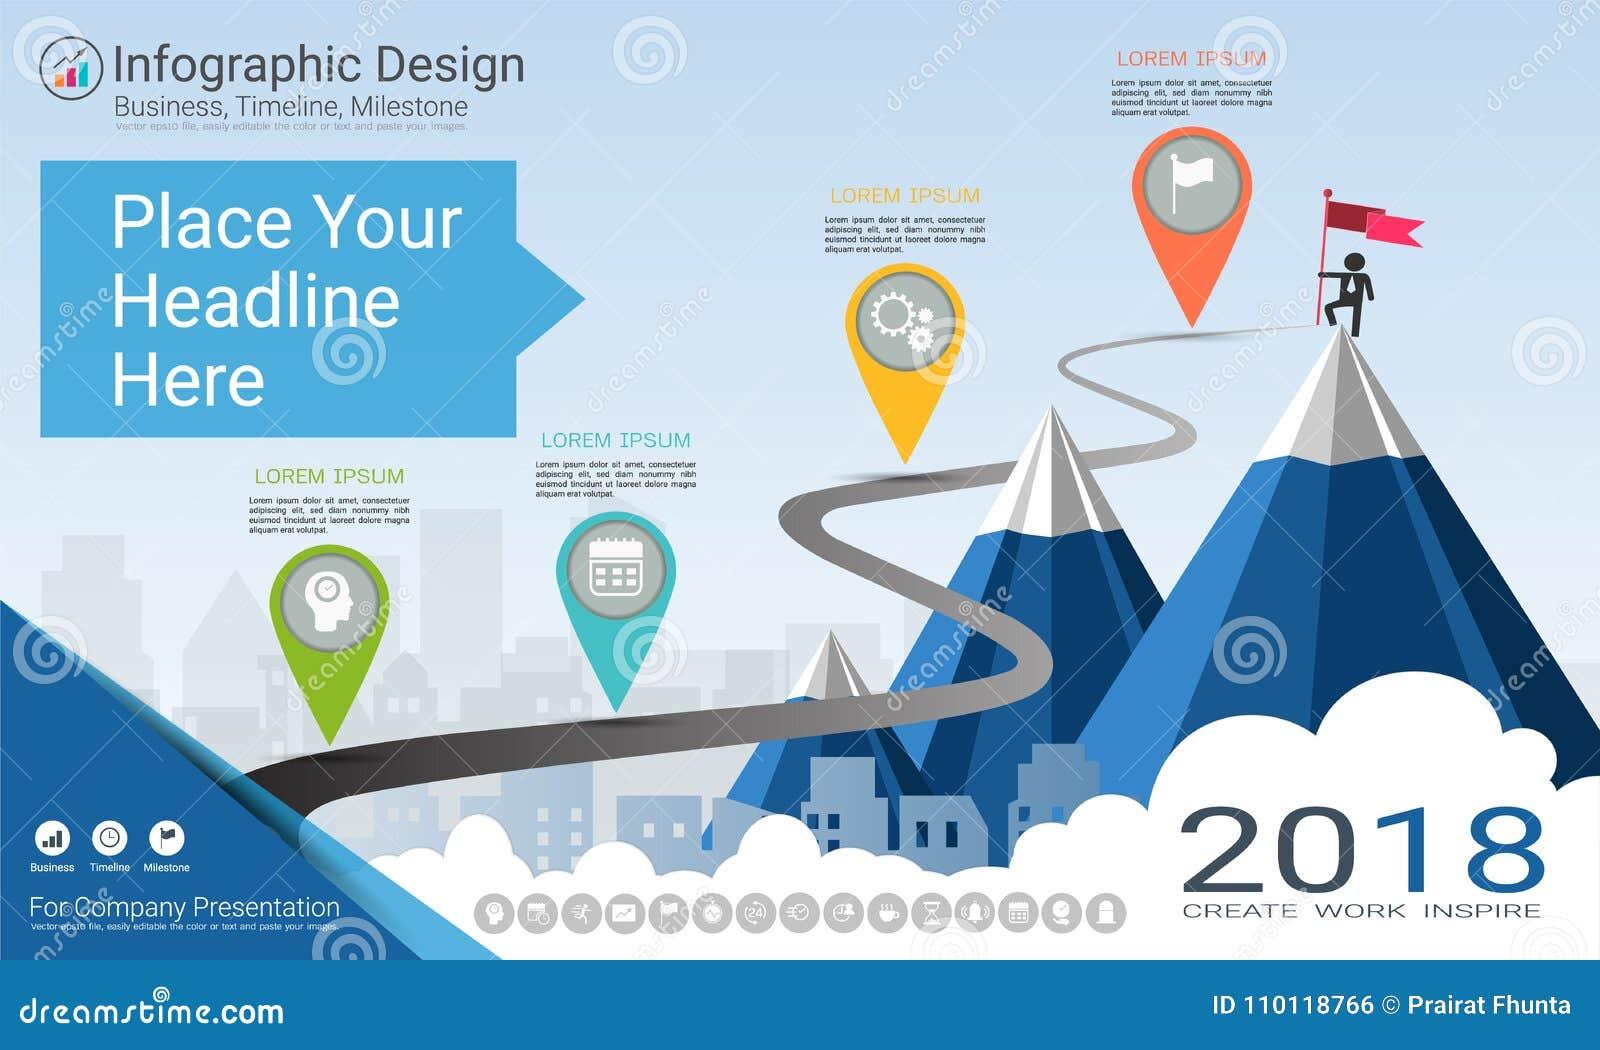 企业infographics模板、里程碑时间安排或者路线图与处理流程图4选择